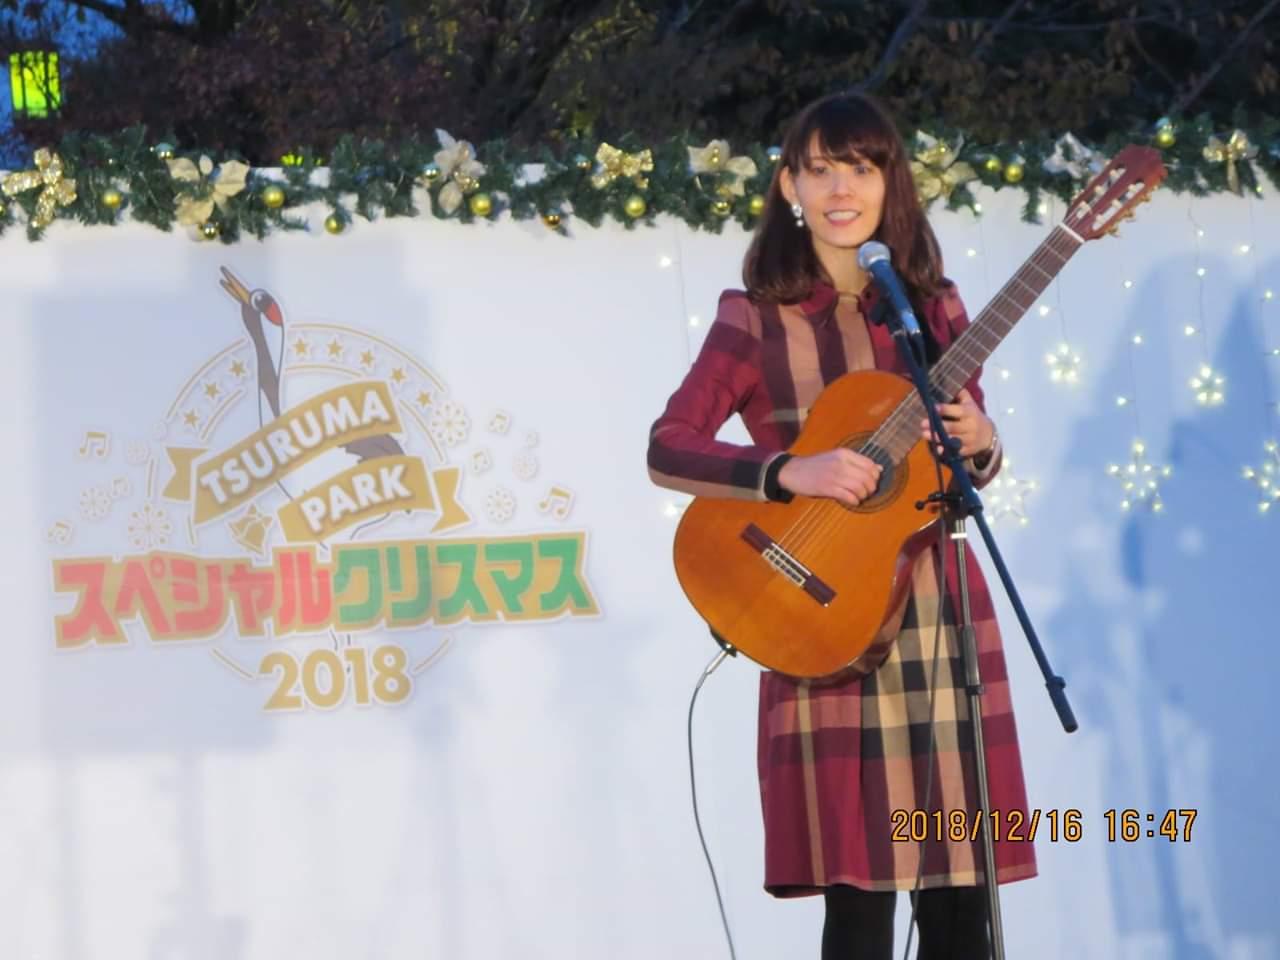 鶴舞公園スペシャルクリスマス2018_f0373339_149577.jpg